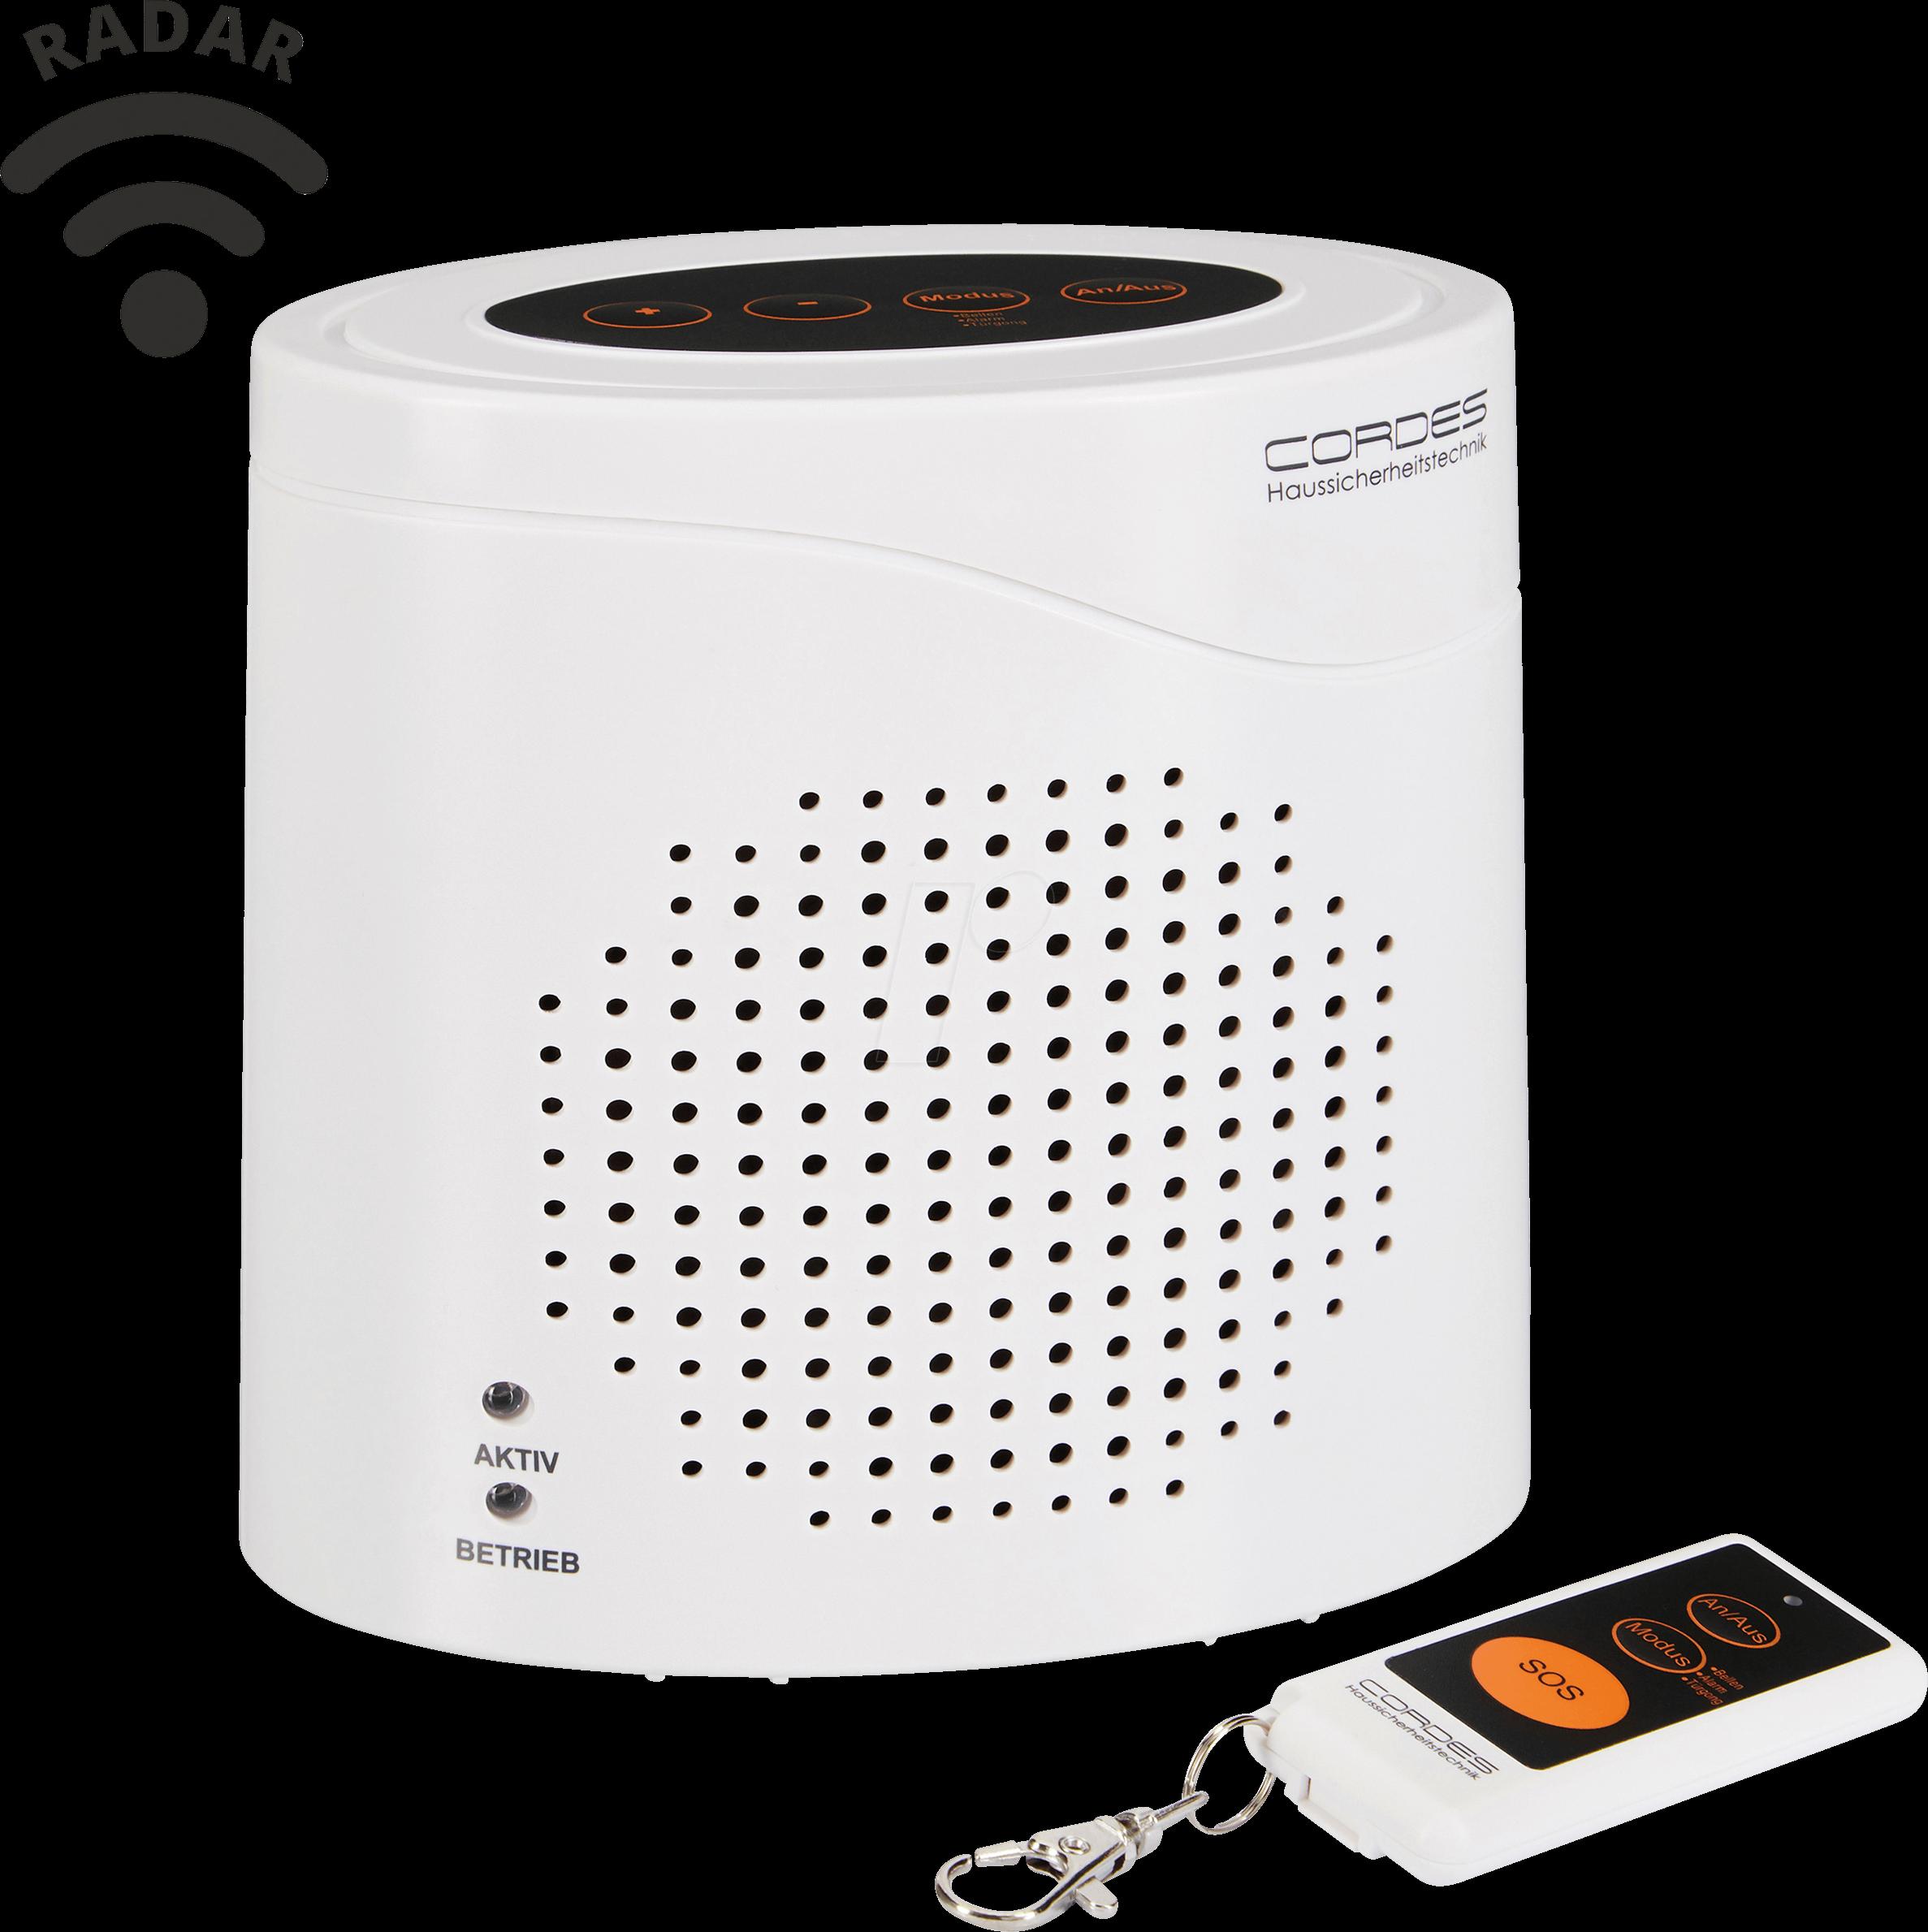 CORDES CC-2200: Elektronischer Wachhund bei reichelt elektronik